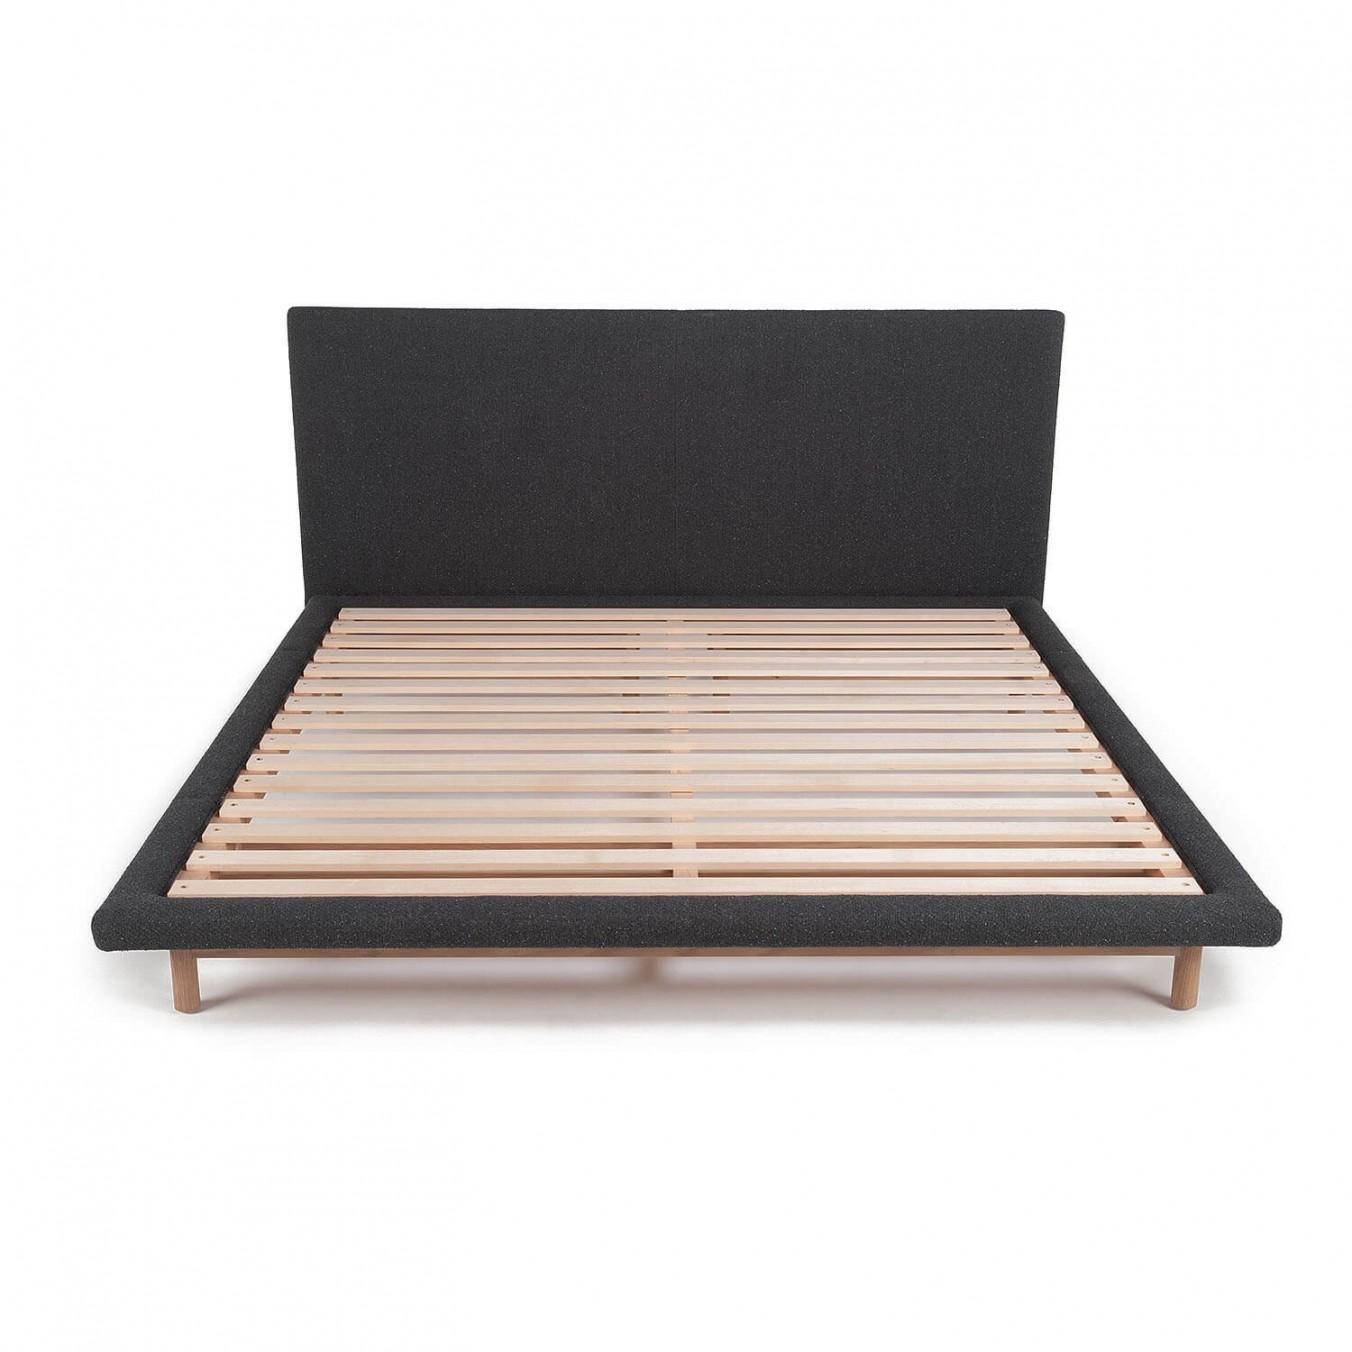 FRAME BED